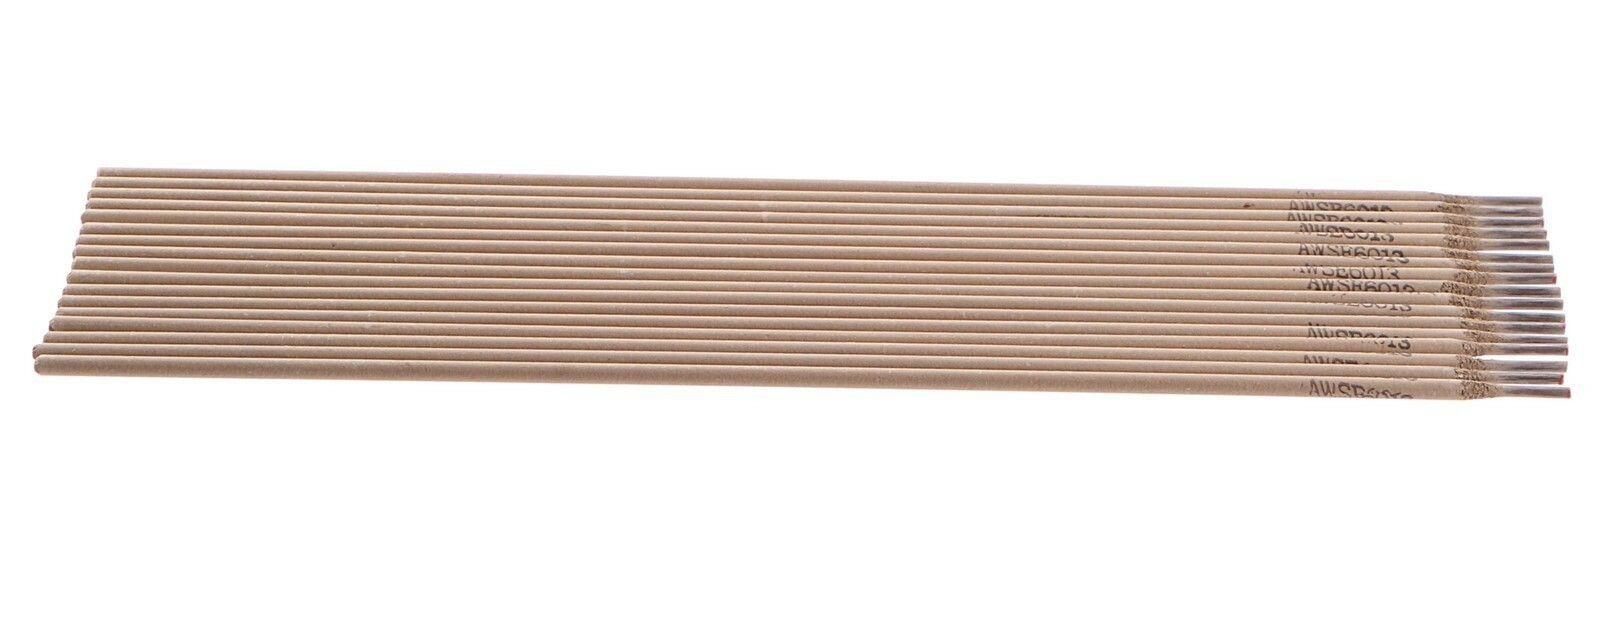 Elektrody svařovací, 3,25x350 mm, svařovací proud 90-130A, růžové, GEKO